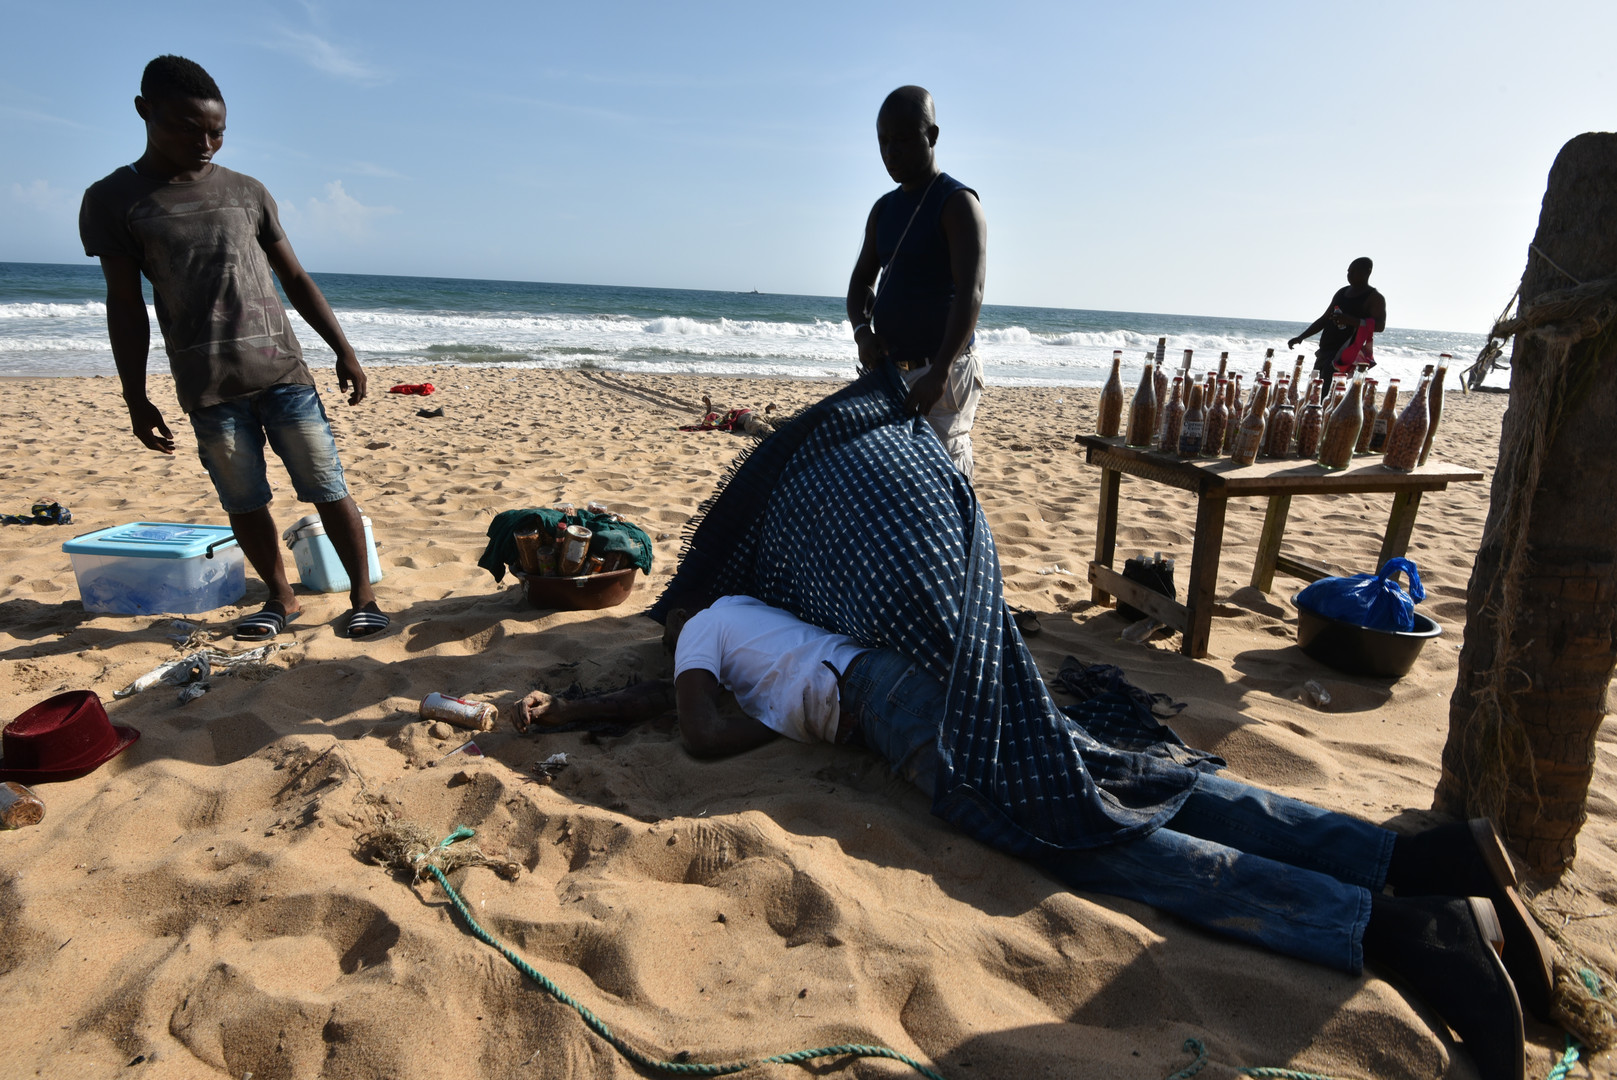 Al-Qaïda revendique l'attaque de Grand-Bassam en Côte d'Ivoire qui «viserait la France» (PHOTOS)